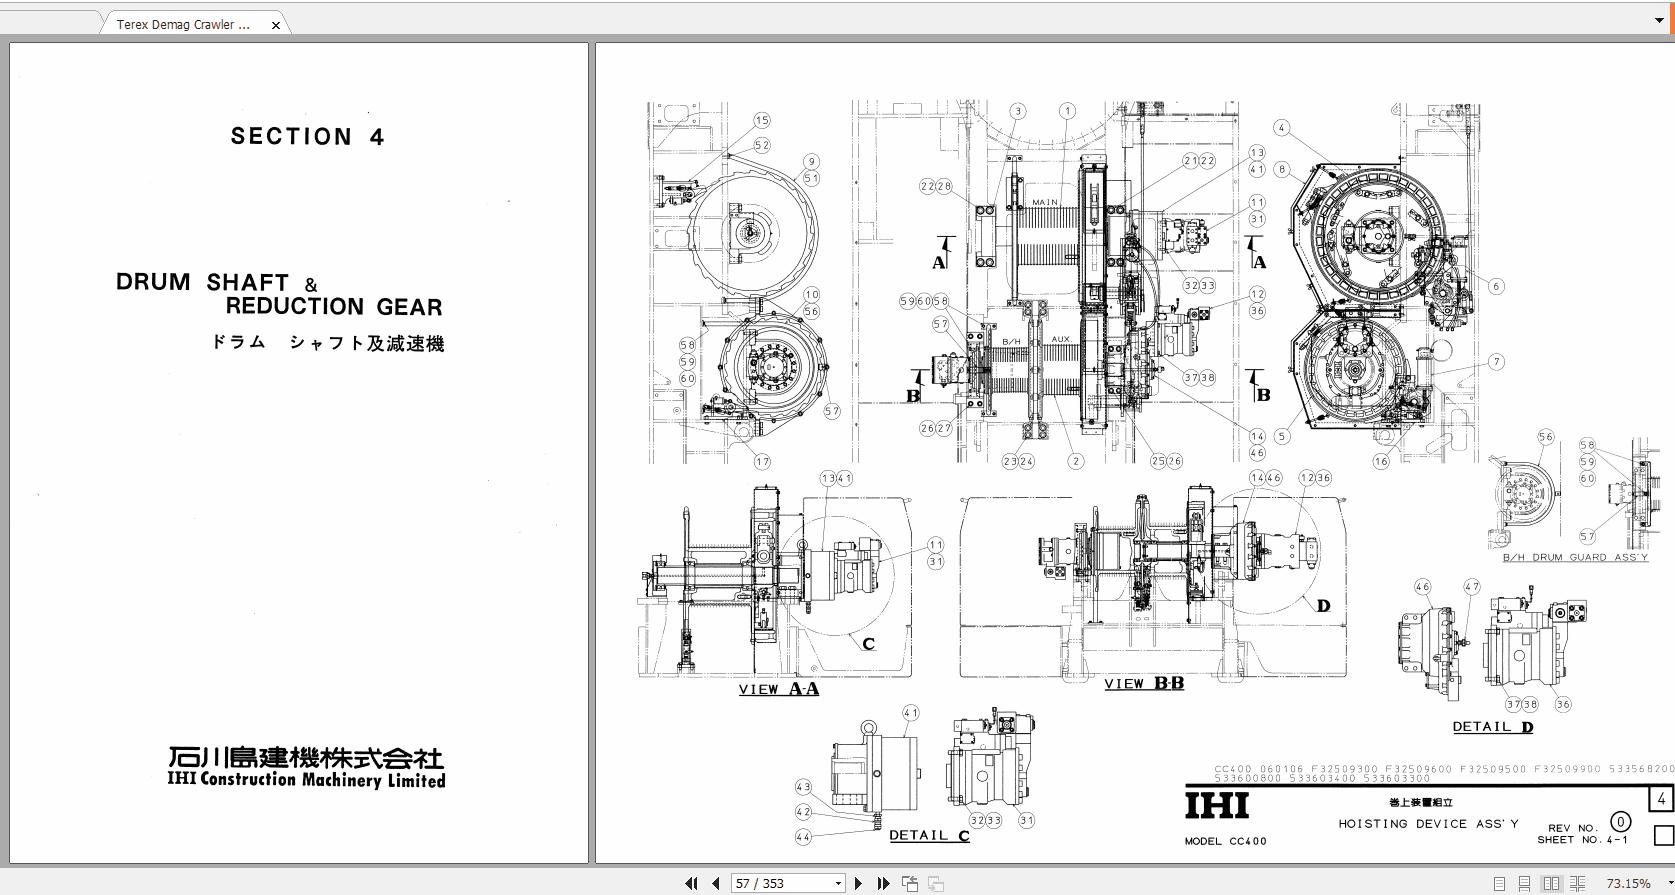 Terex_Demag_Crawler_Crane_CC400_HD83_Parts_Catalog_3